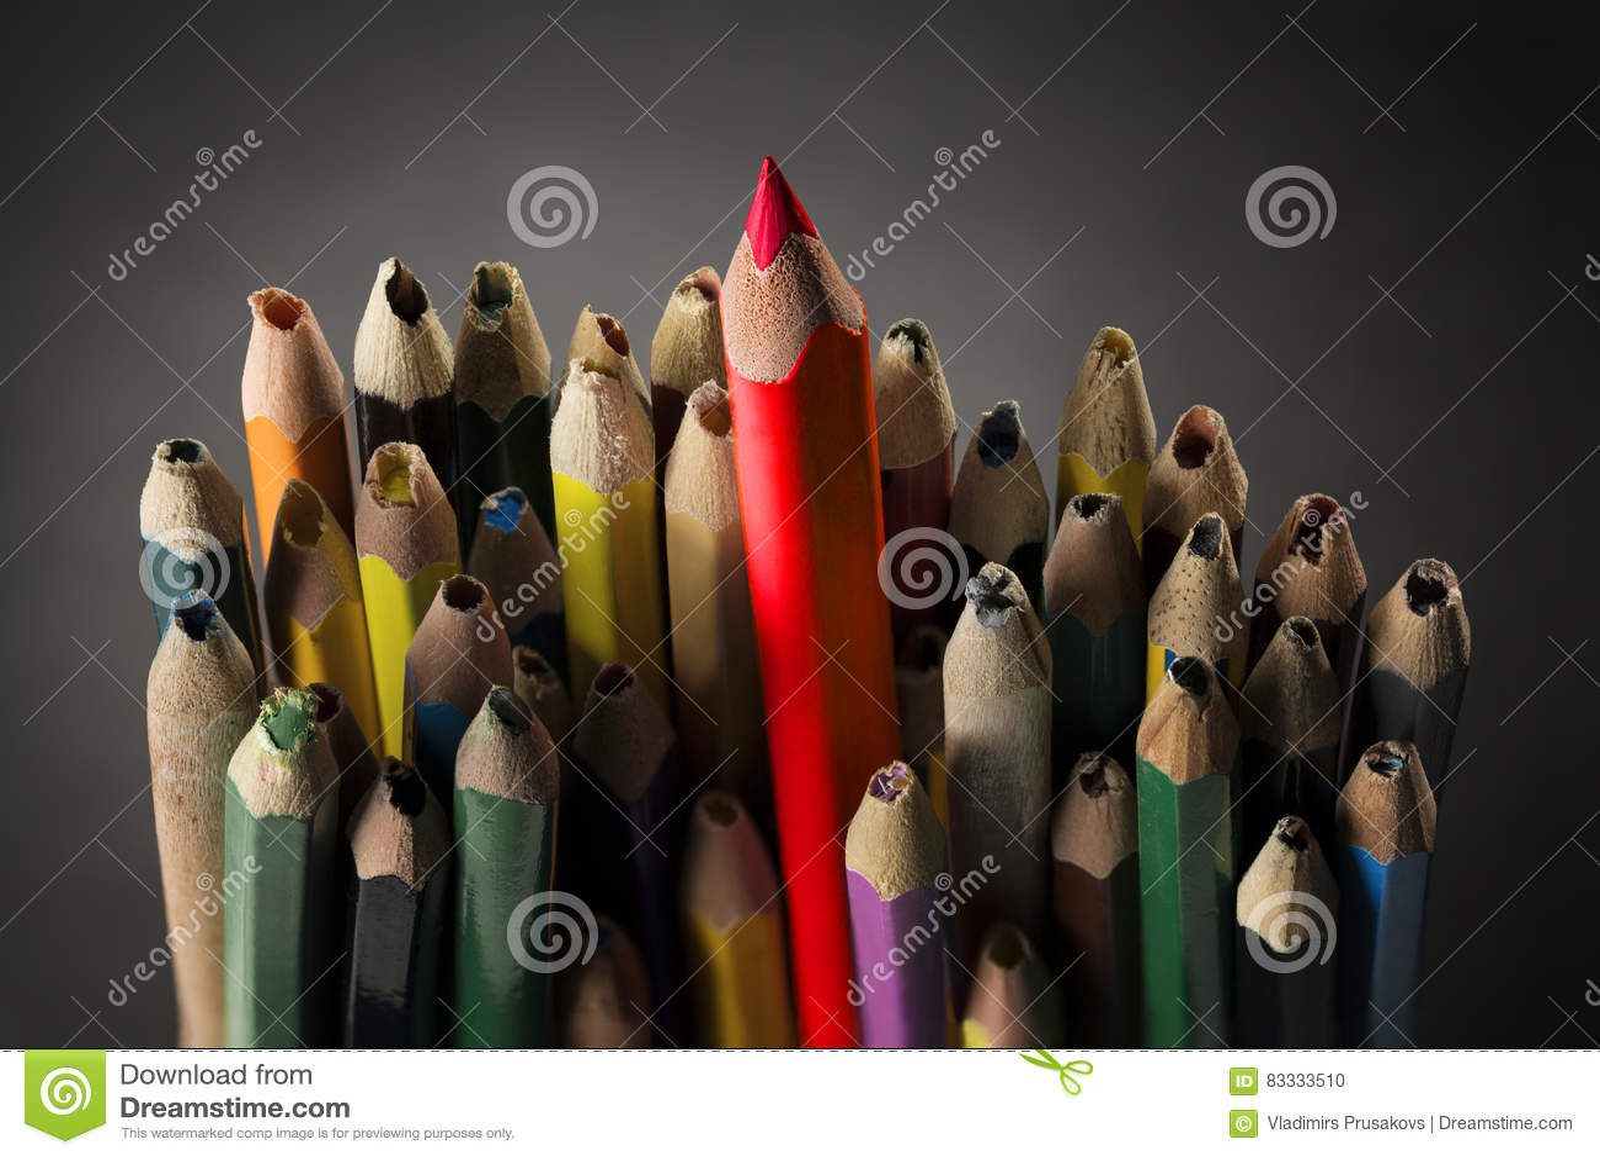 La matita ispira il concetto, idea creativa tagliente, matite tagliate utilizzate